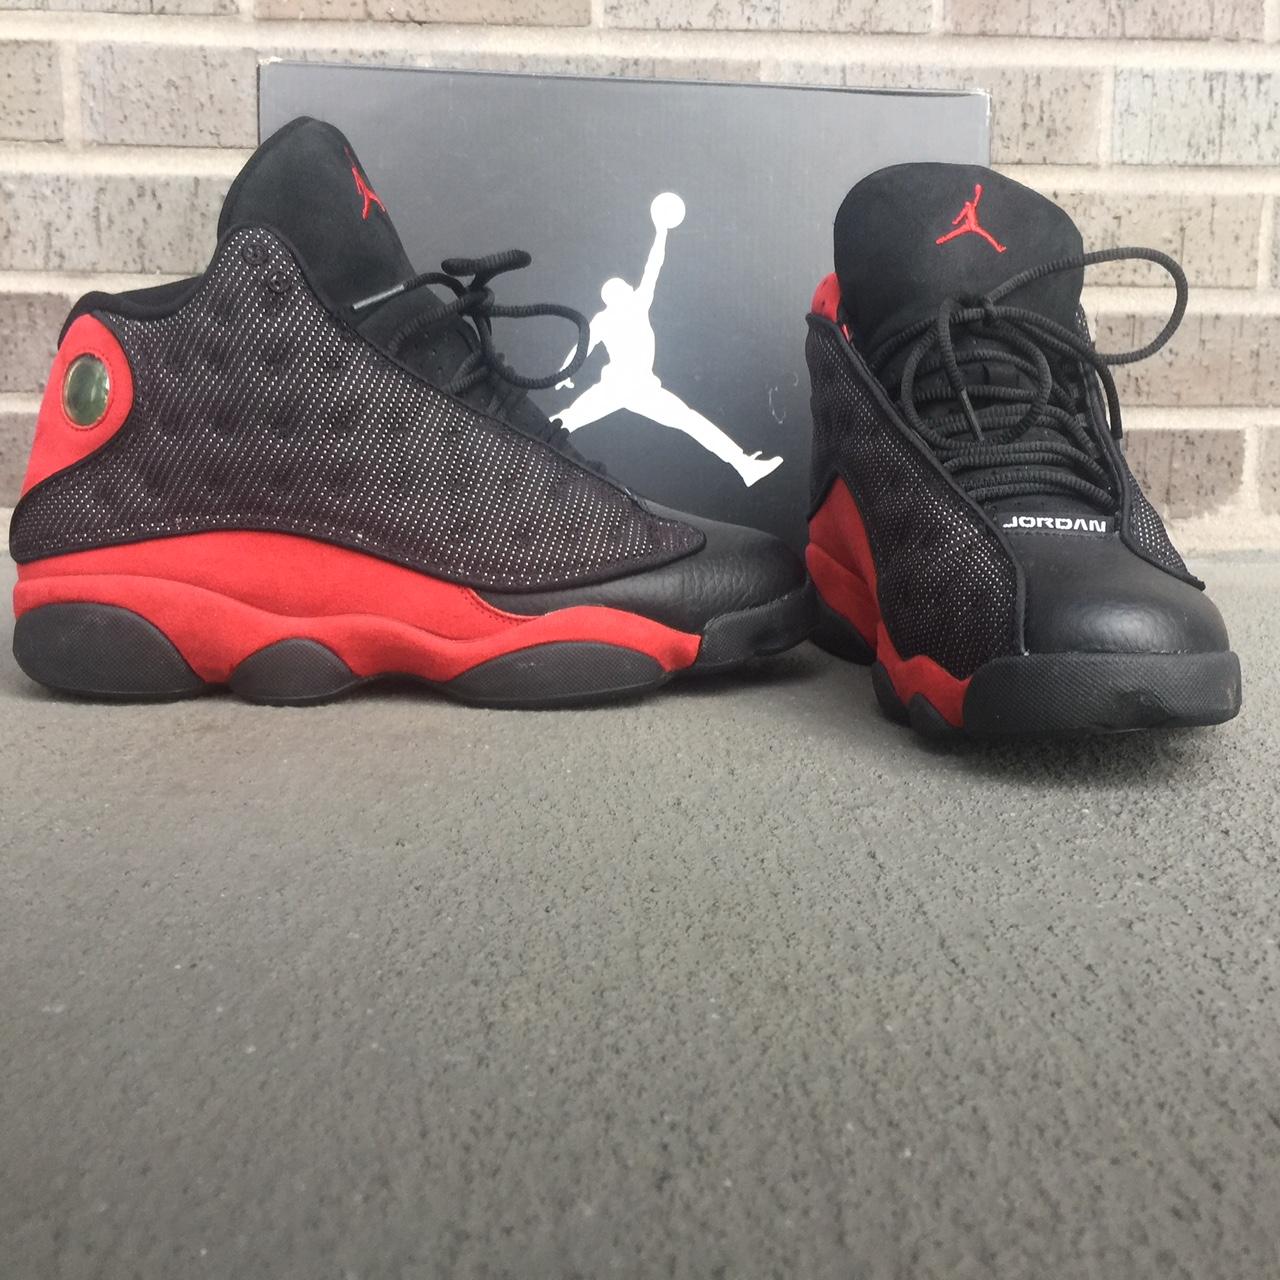 793be83a1f2 Nike  Air Jordan Retro 13